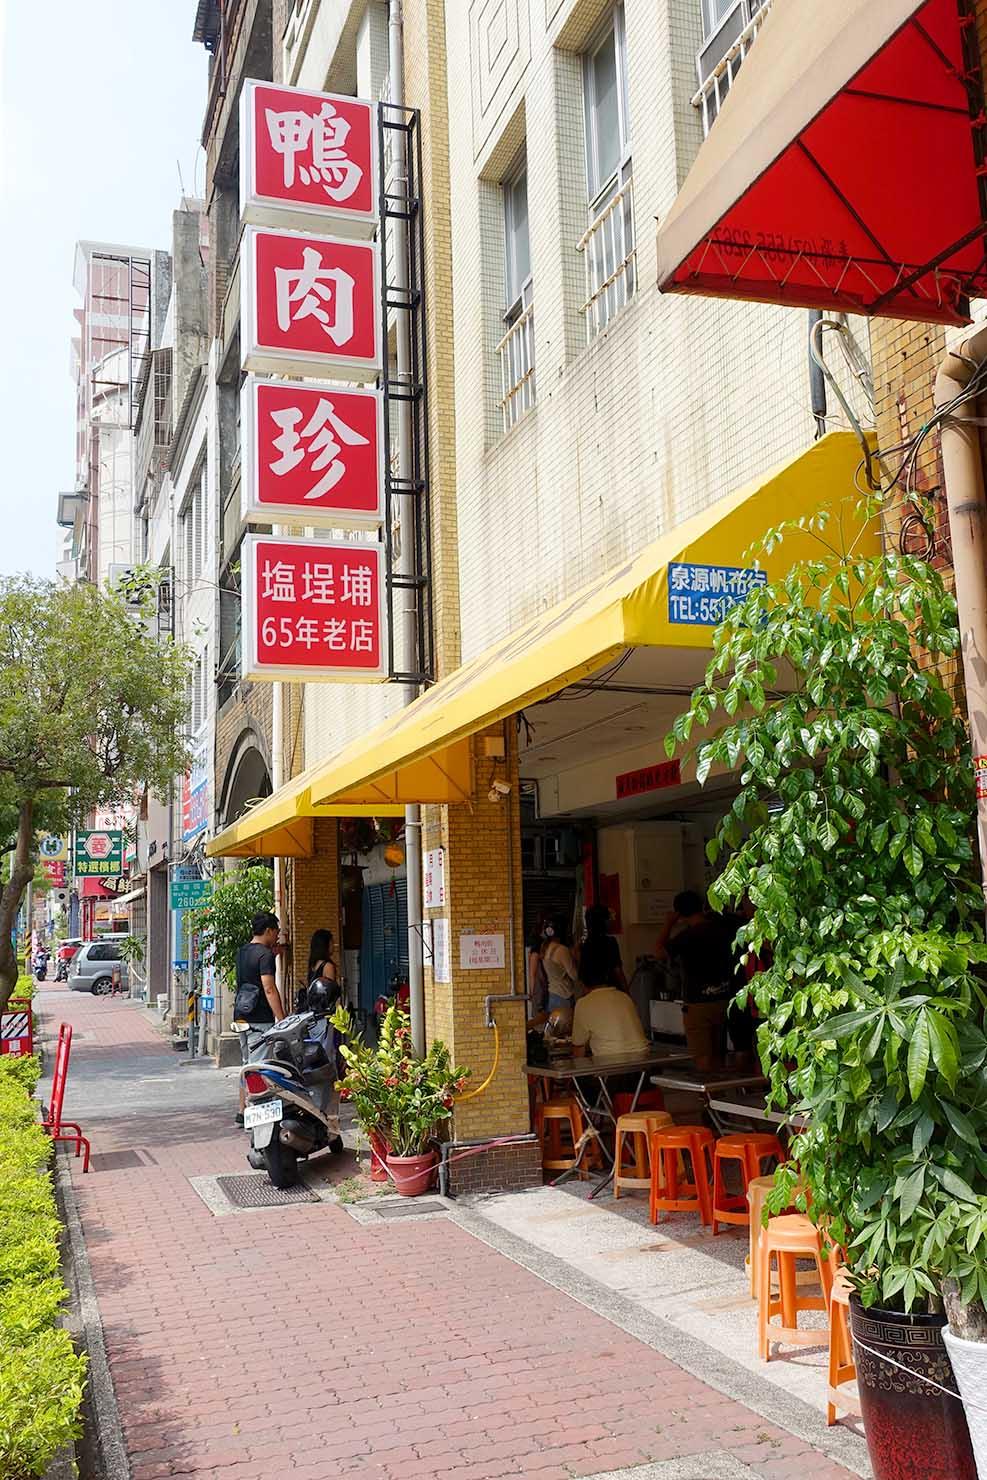 高雄の伝統台湾グルメエリア・鹽埕埔「鴨肉珍」の外観